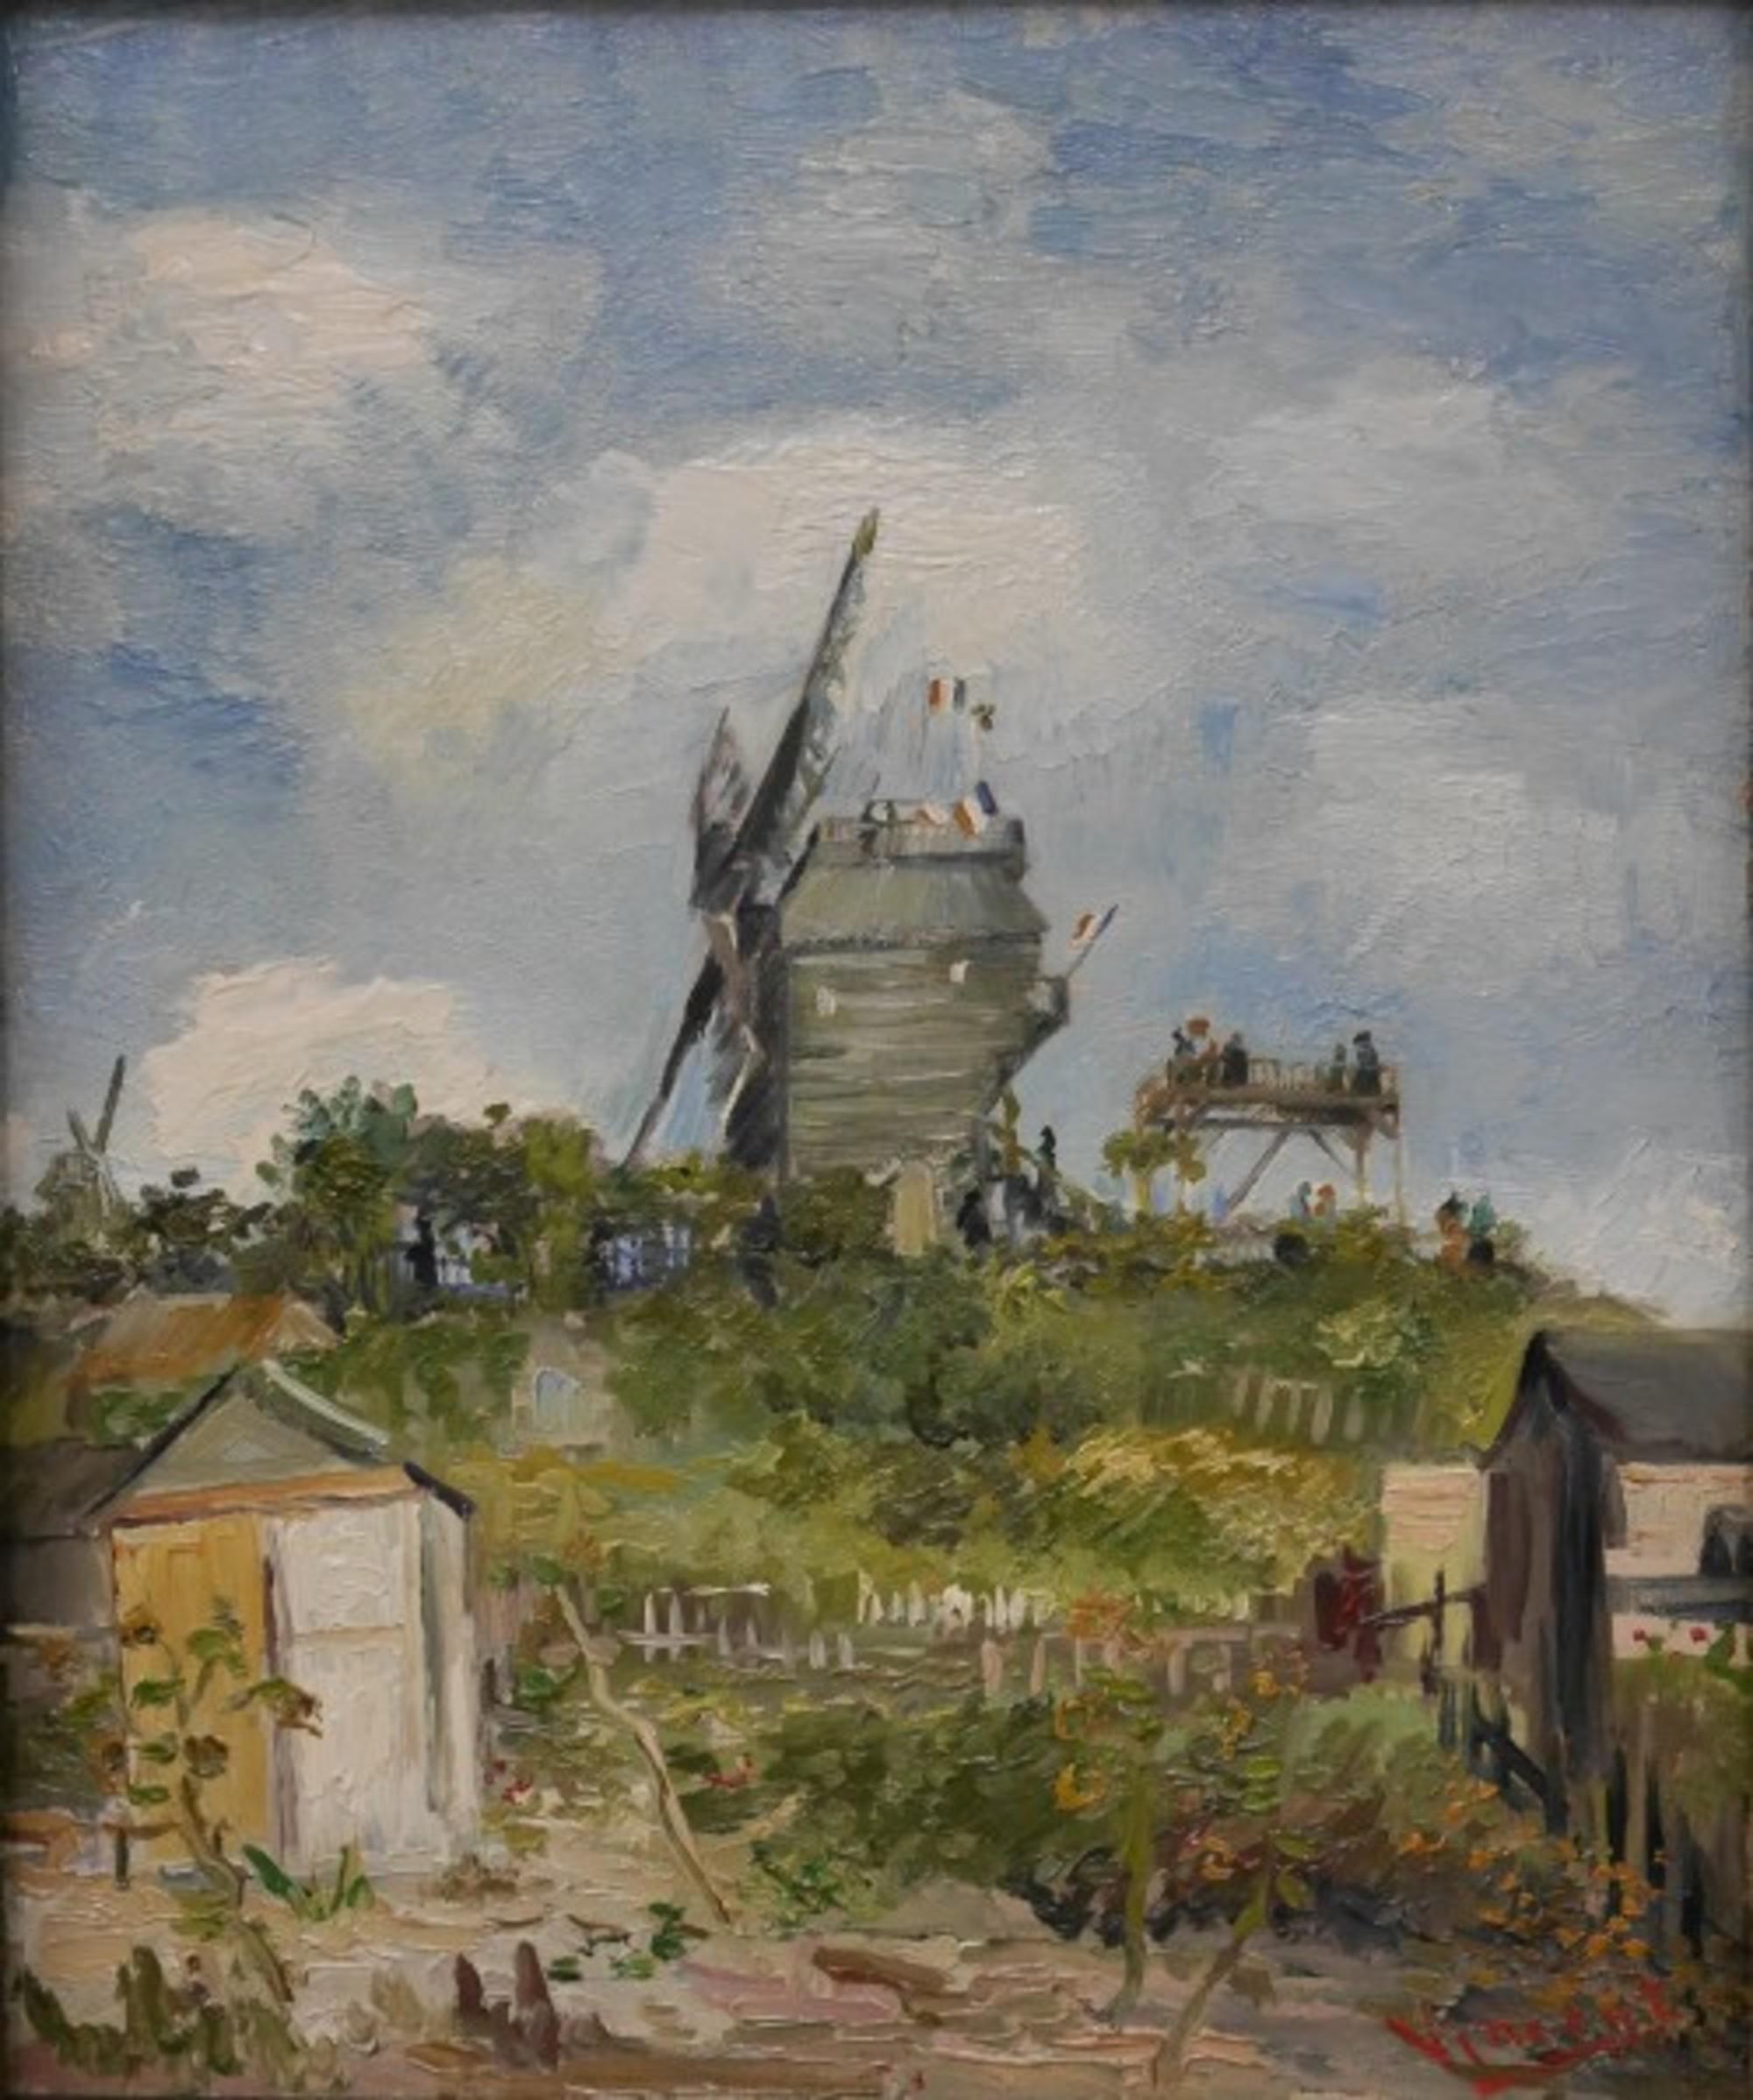 Van-Gogh---Le-Moulin-de-la-Galette.jpg